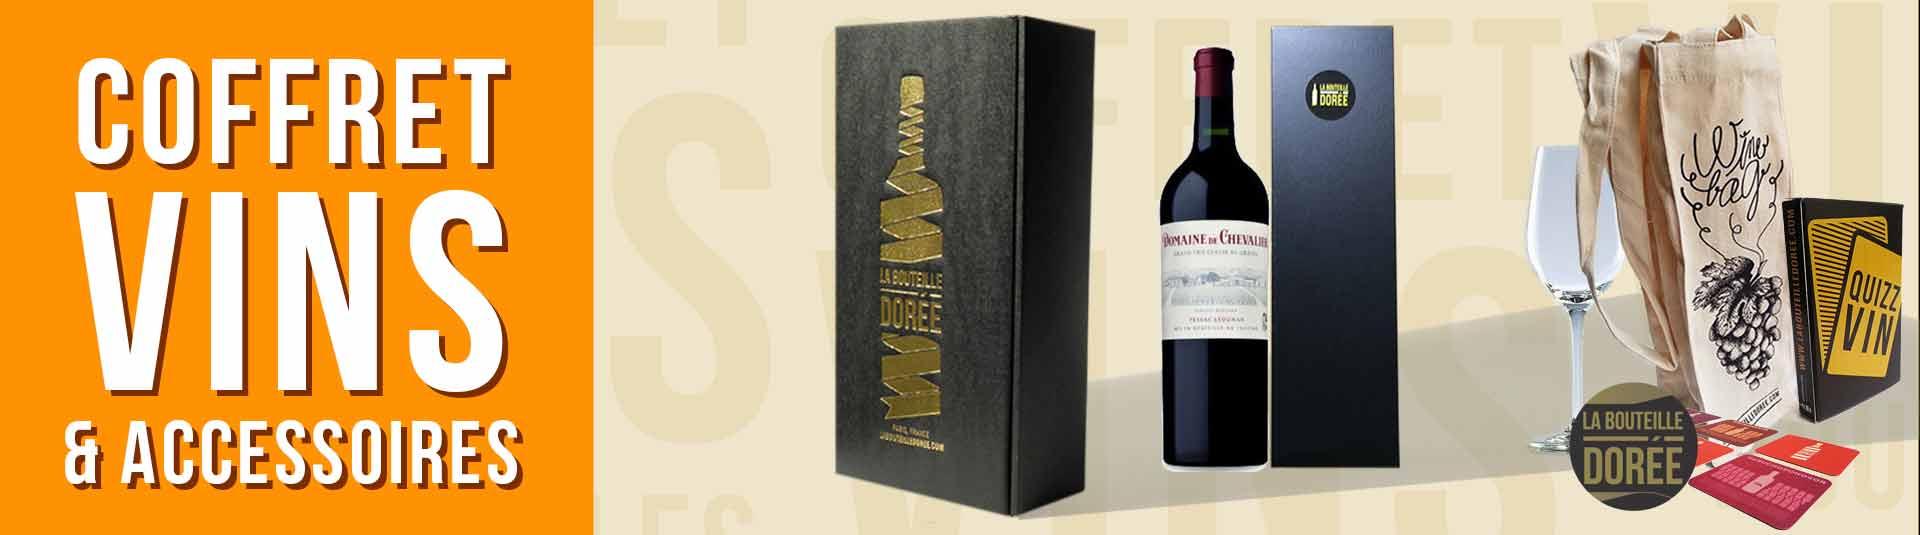 coffret vin 1981 avec accessoires